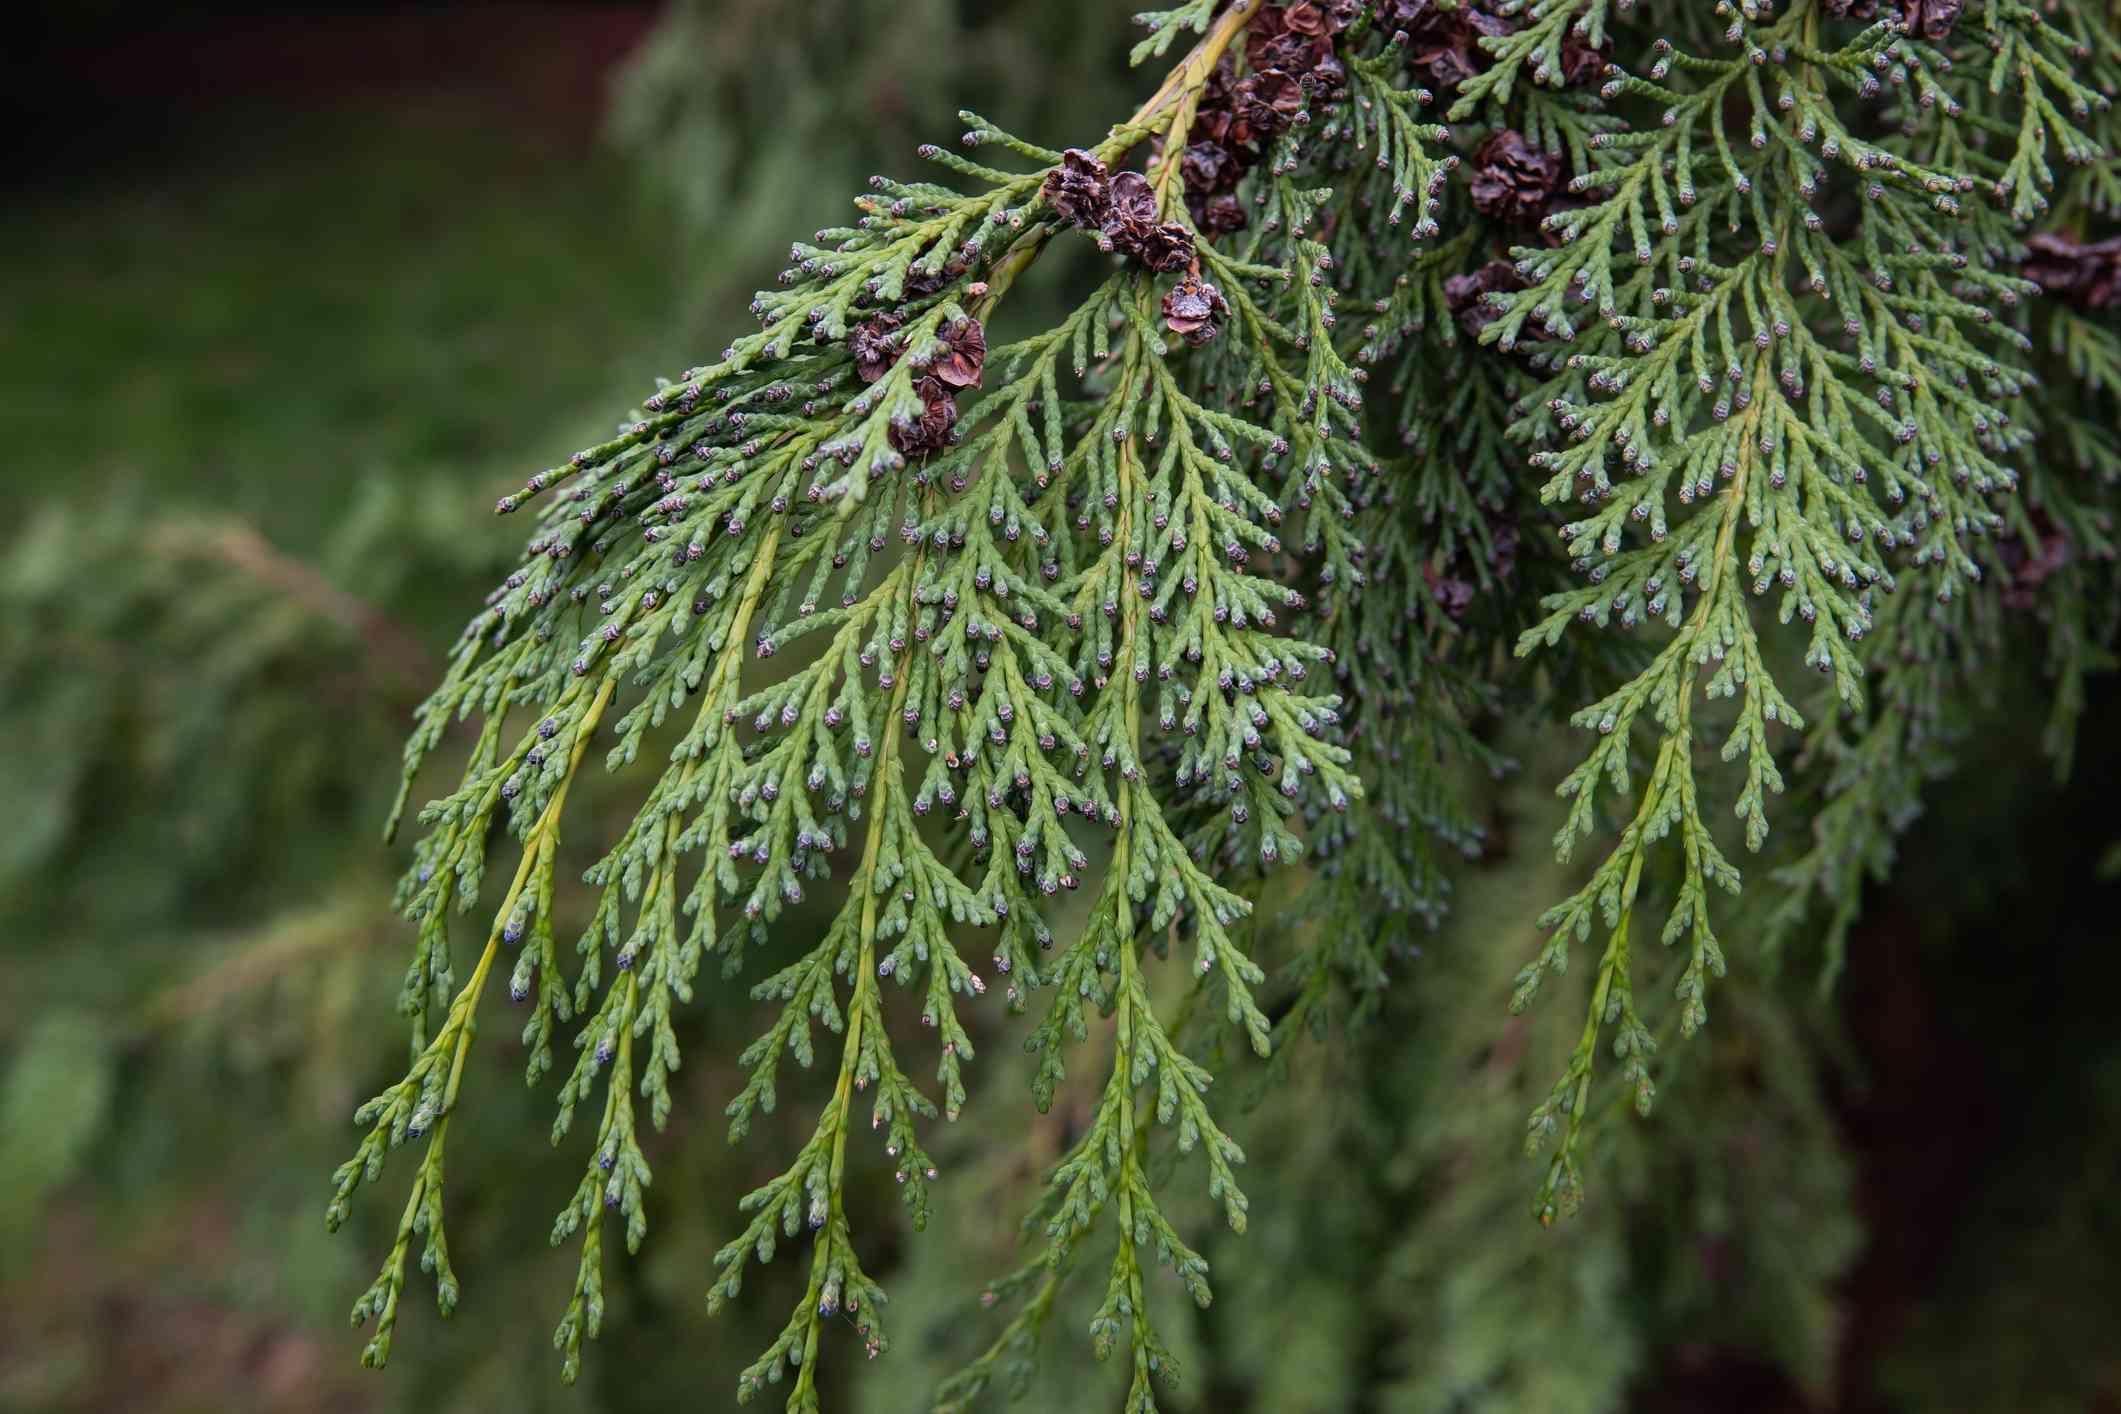 Nootka Cypress Leaves in Winter